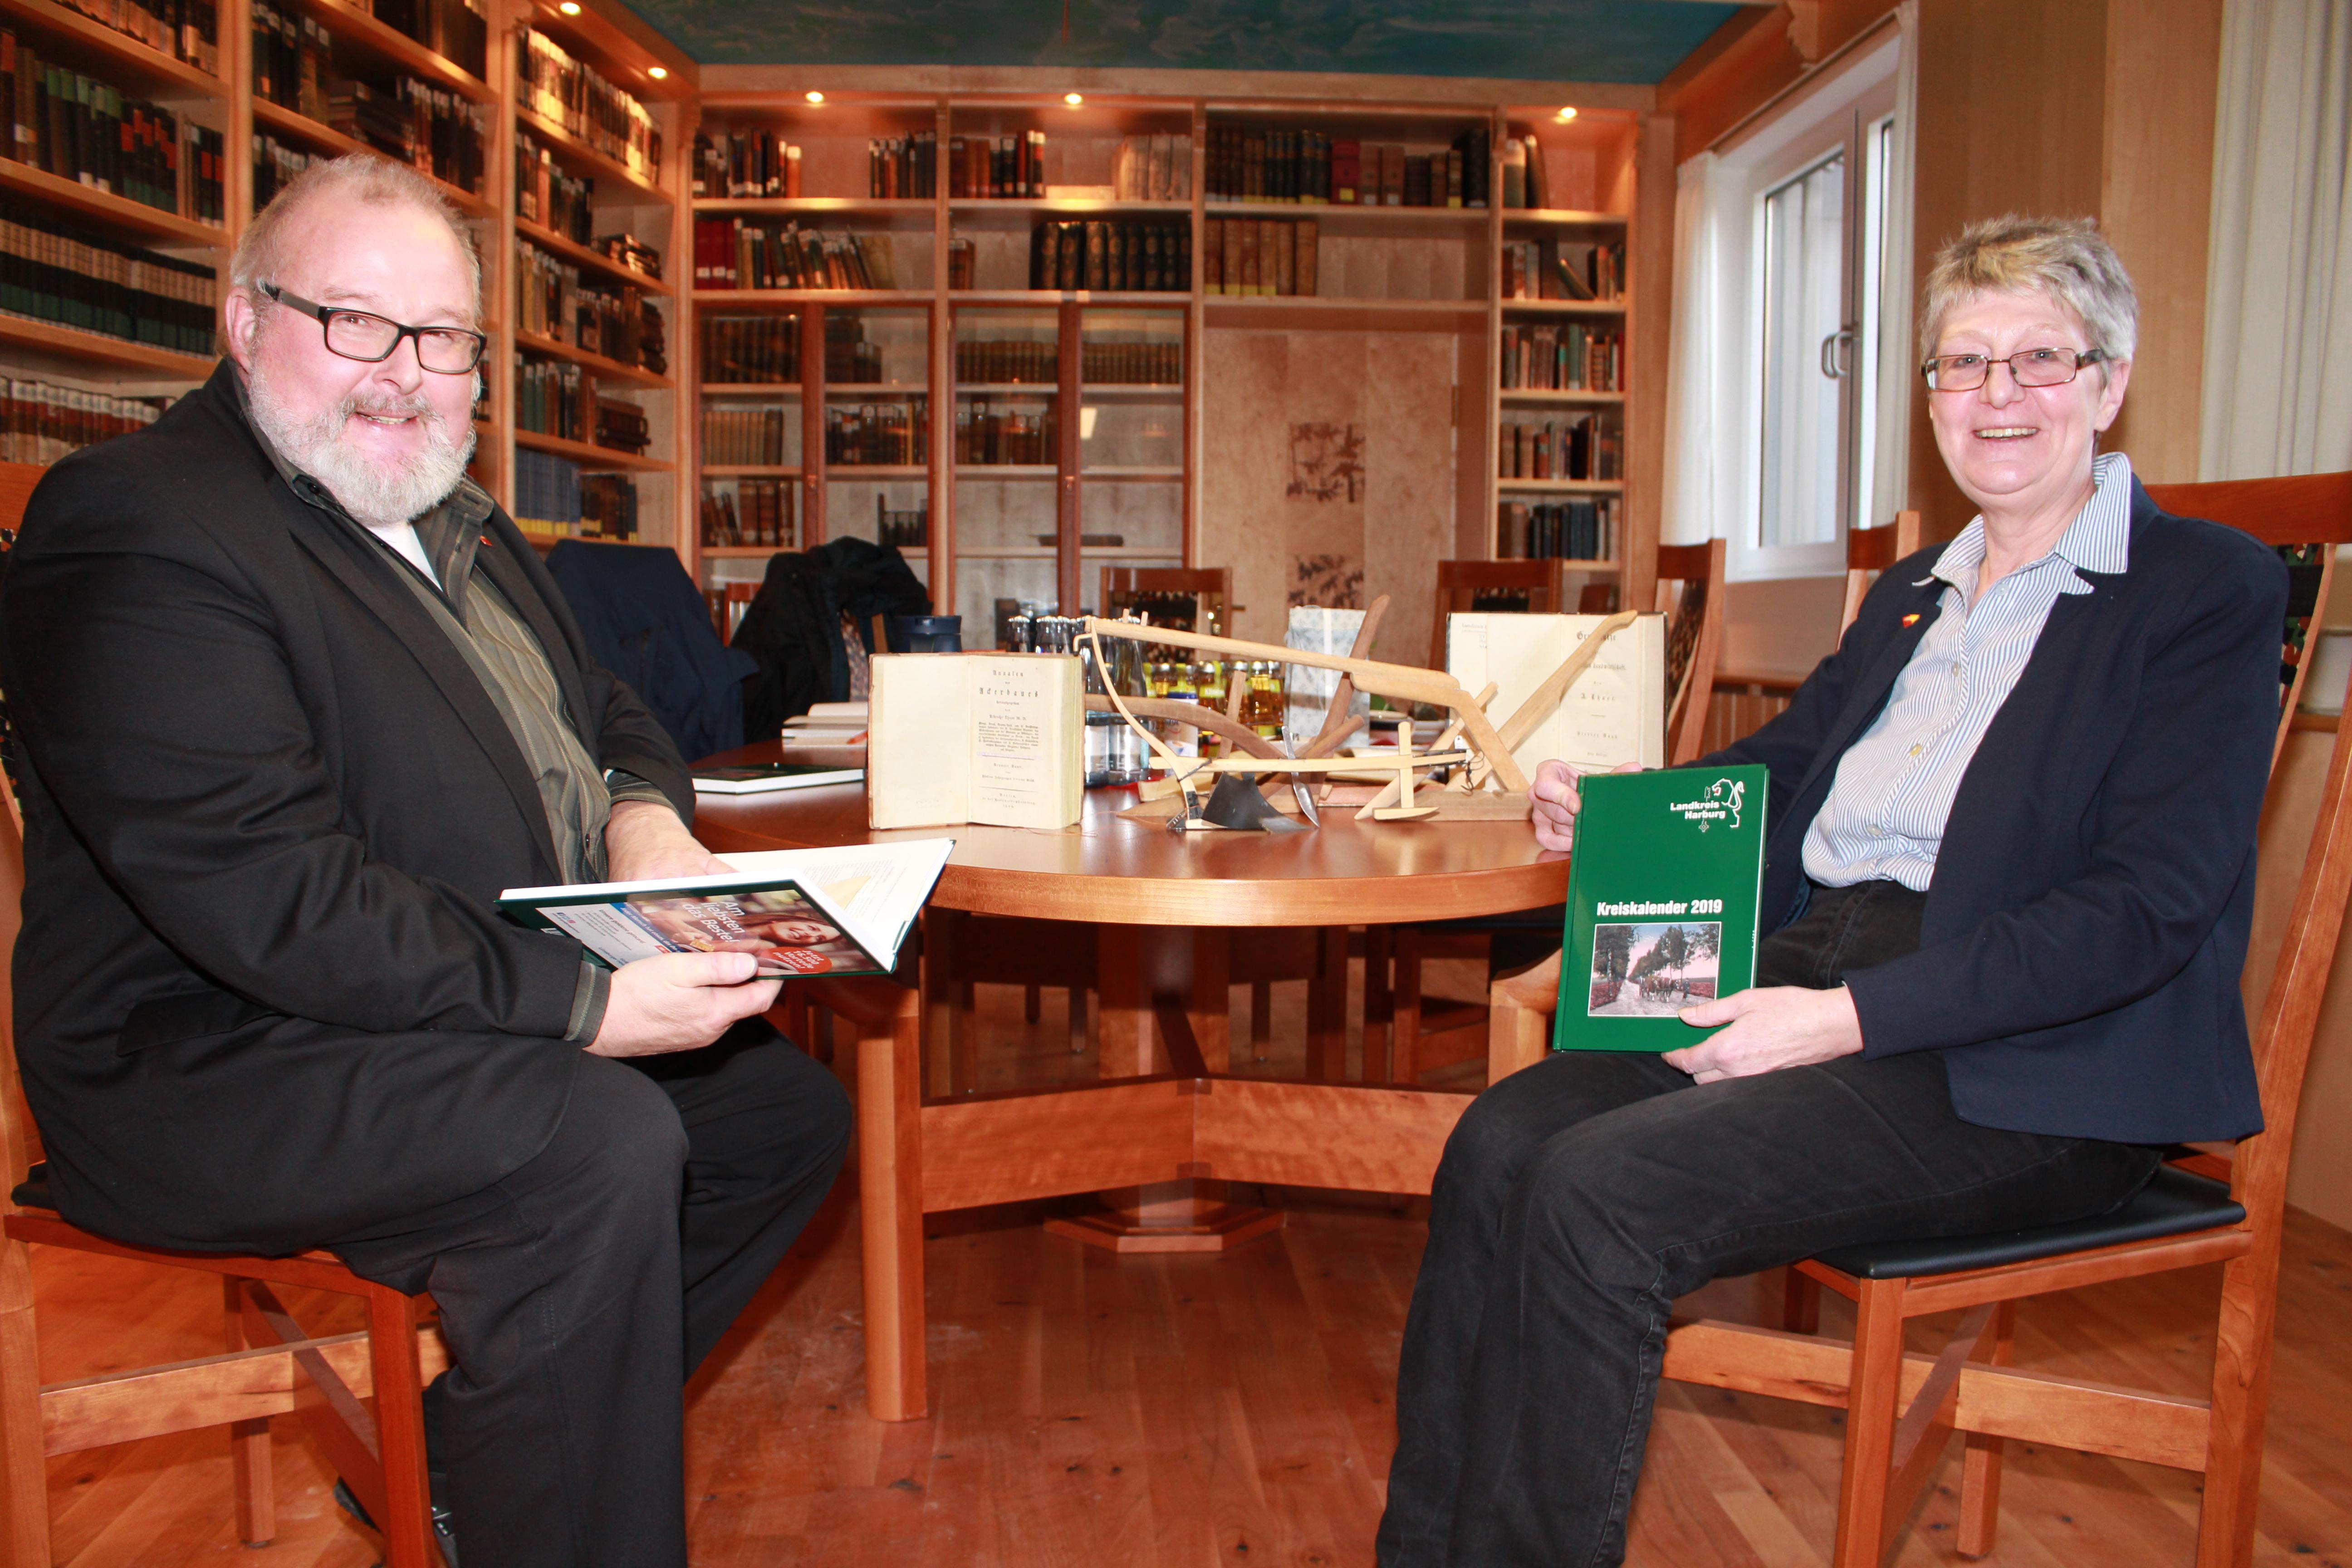 pm -Gisela und Rolf Wiese:  Der Kreiskalender hat eine treue Leserschaft und wird jahrein jahraus erwartet.